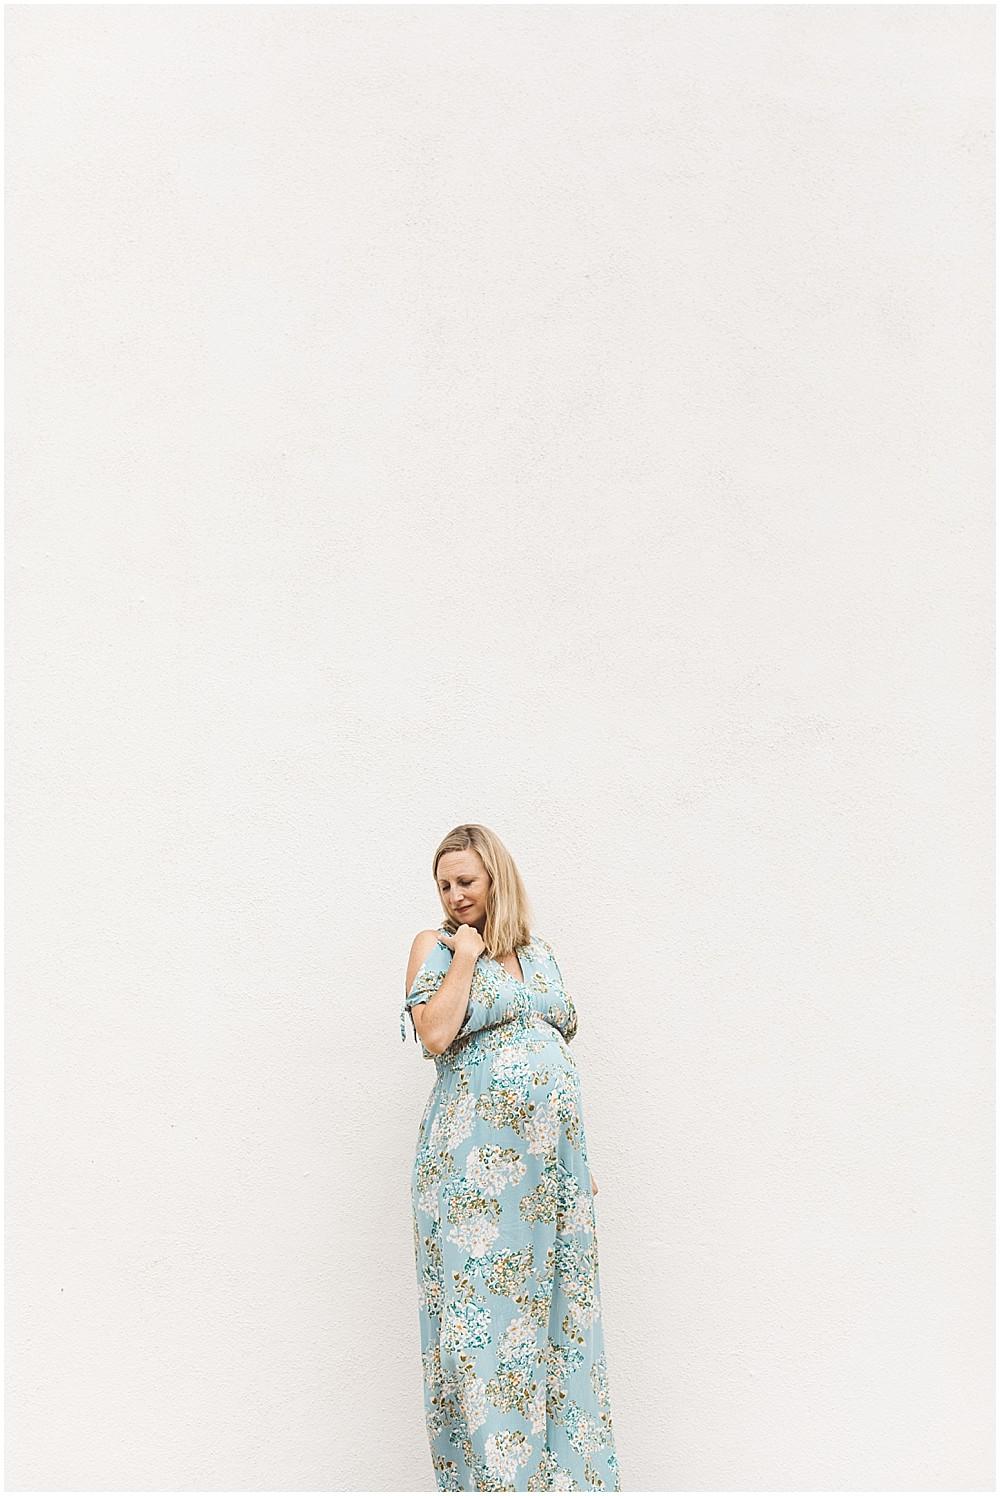 Amber Maternity '17_stevecowellphoto_0046.jpg